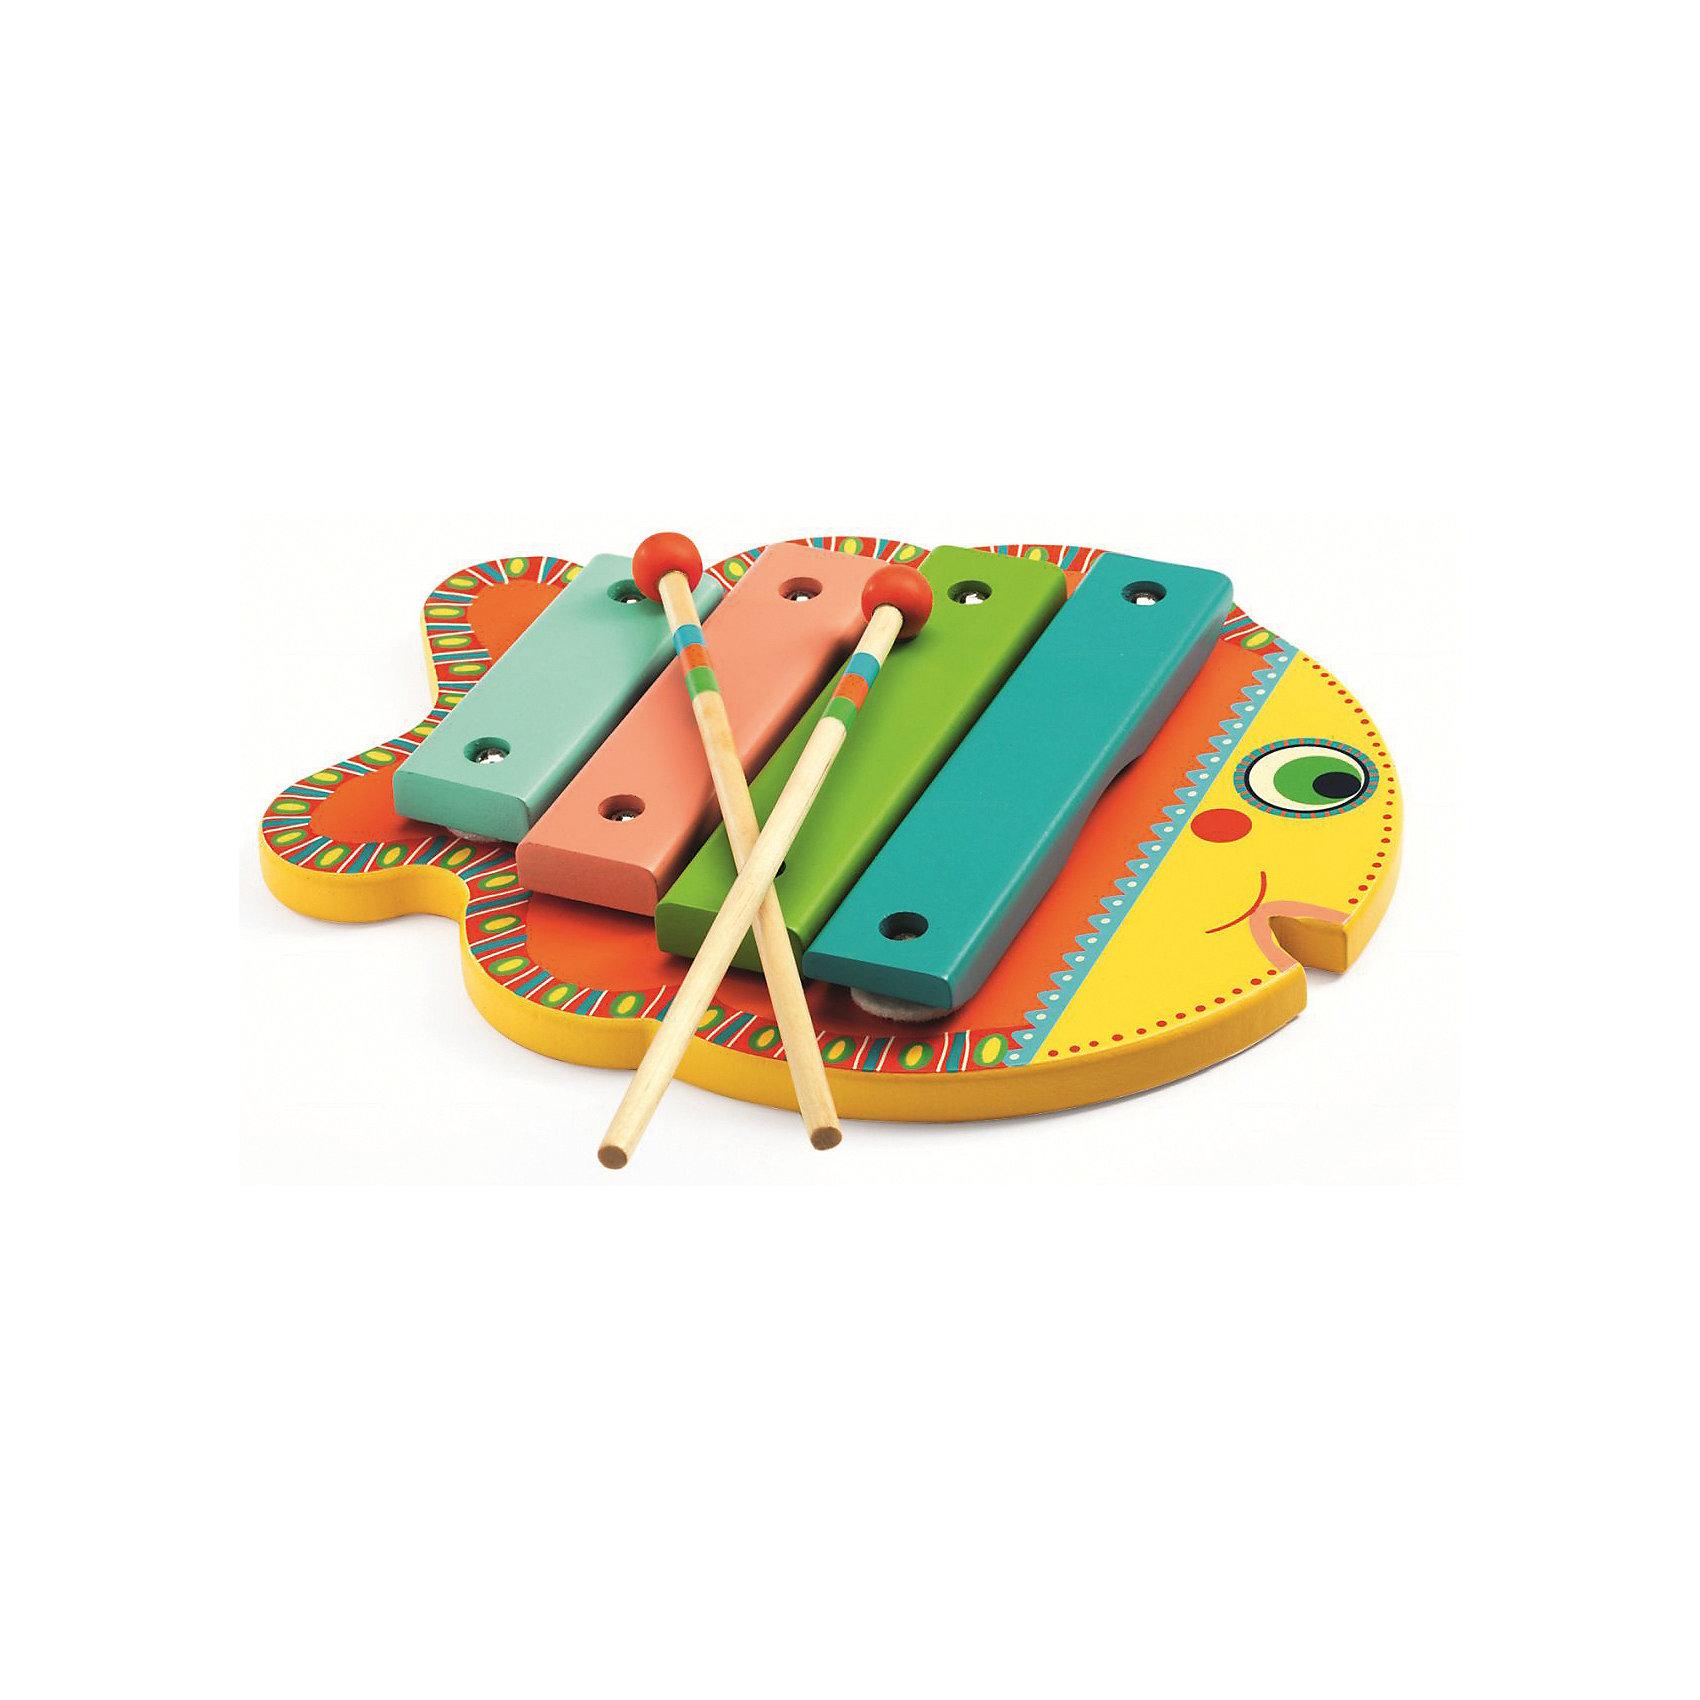 Ксилофон, DJECOЯркий и красочный ксилофон станет прекрасной игрушкой даже для самых маленьких меломанов. Ксилофон в виде рыбки состоит из 4-х клавиш и 2-х палочек, с помощью которых ваш малыш будет создавать новые мелодии. Увлекательный ксилофон в красивой подарочной упаковке станет прекрасным подарком и непременно порадует каждого малыша. Ксилофон сделан из высококачественного дерева, покрыт безопасными нетоксичными красками.<br><br>Ширина мм: 30<br>Глубина мм: 230<br>Высота мм: 190<br>Вес г: 480<br>Возраст от месяцев: 36<br>Возраст до месяцев: 1188<br>Пол: Унисекс<br>Возраст: Детский<br>SKU: 4761452